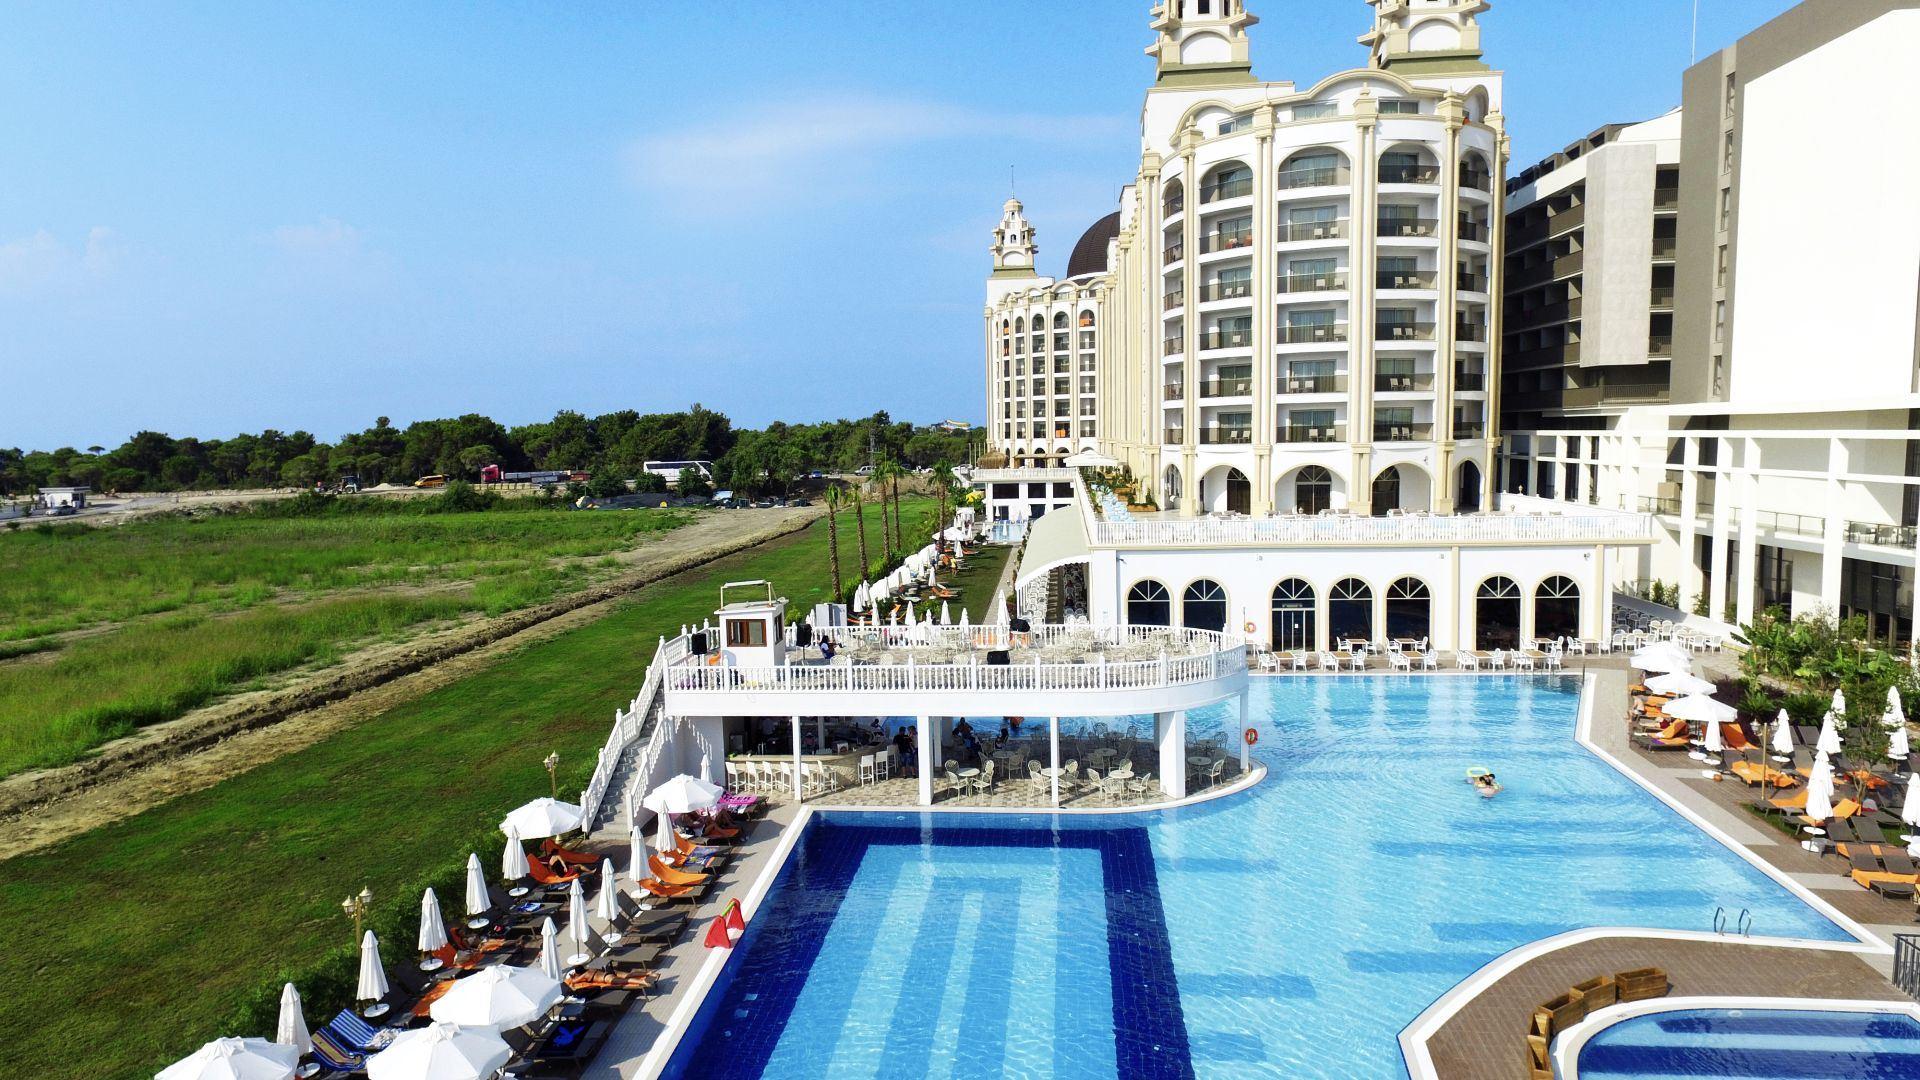 Jadore Deluxe Hotel Spa ***** All inclusive TURCJA RIWIERA TURECKA dwie osoby 2104 wylot 30 listopada Wrocław